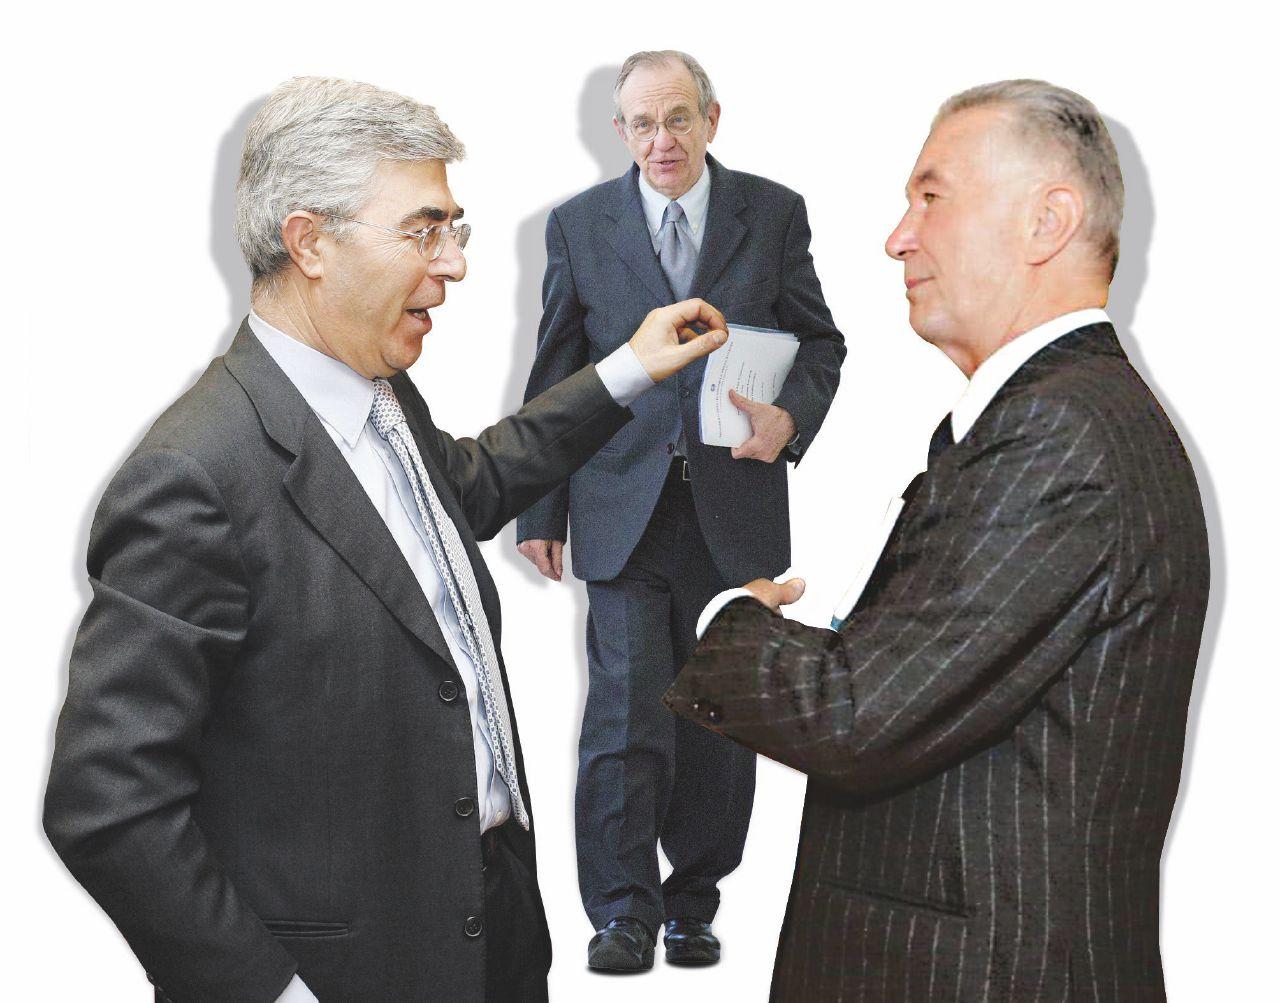 In Edicola sul Fatto Quotidiano del 24 agosto: Grazie al governo i banchieri-scandalo possono tornare